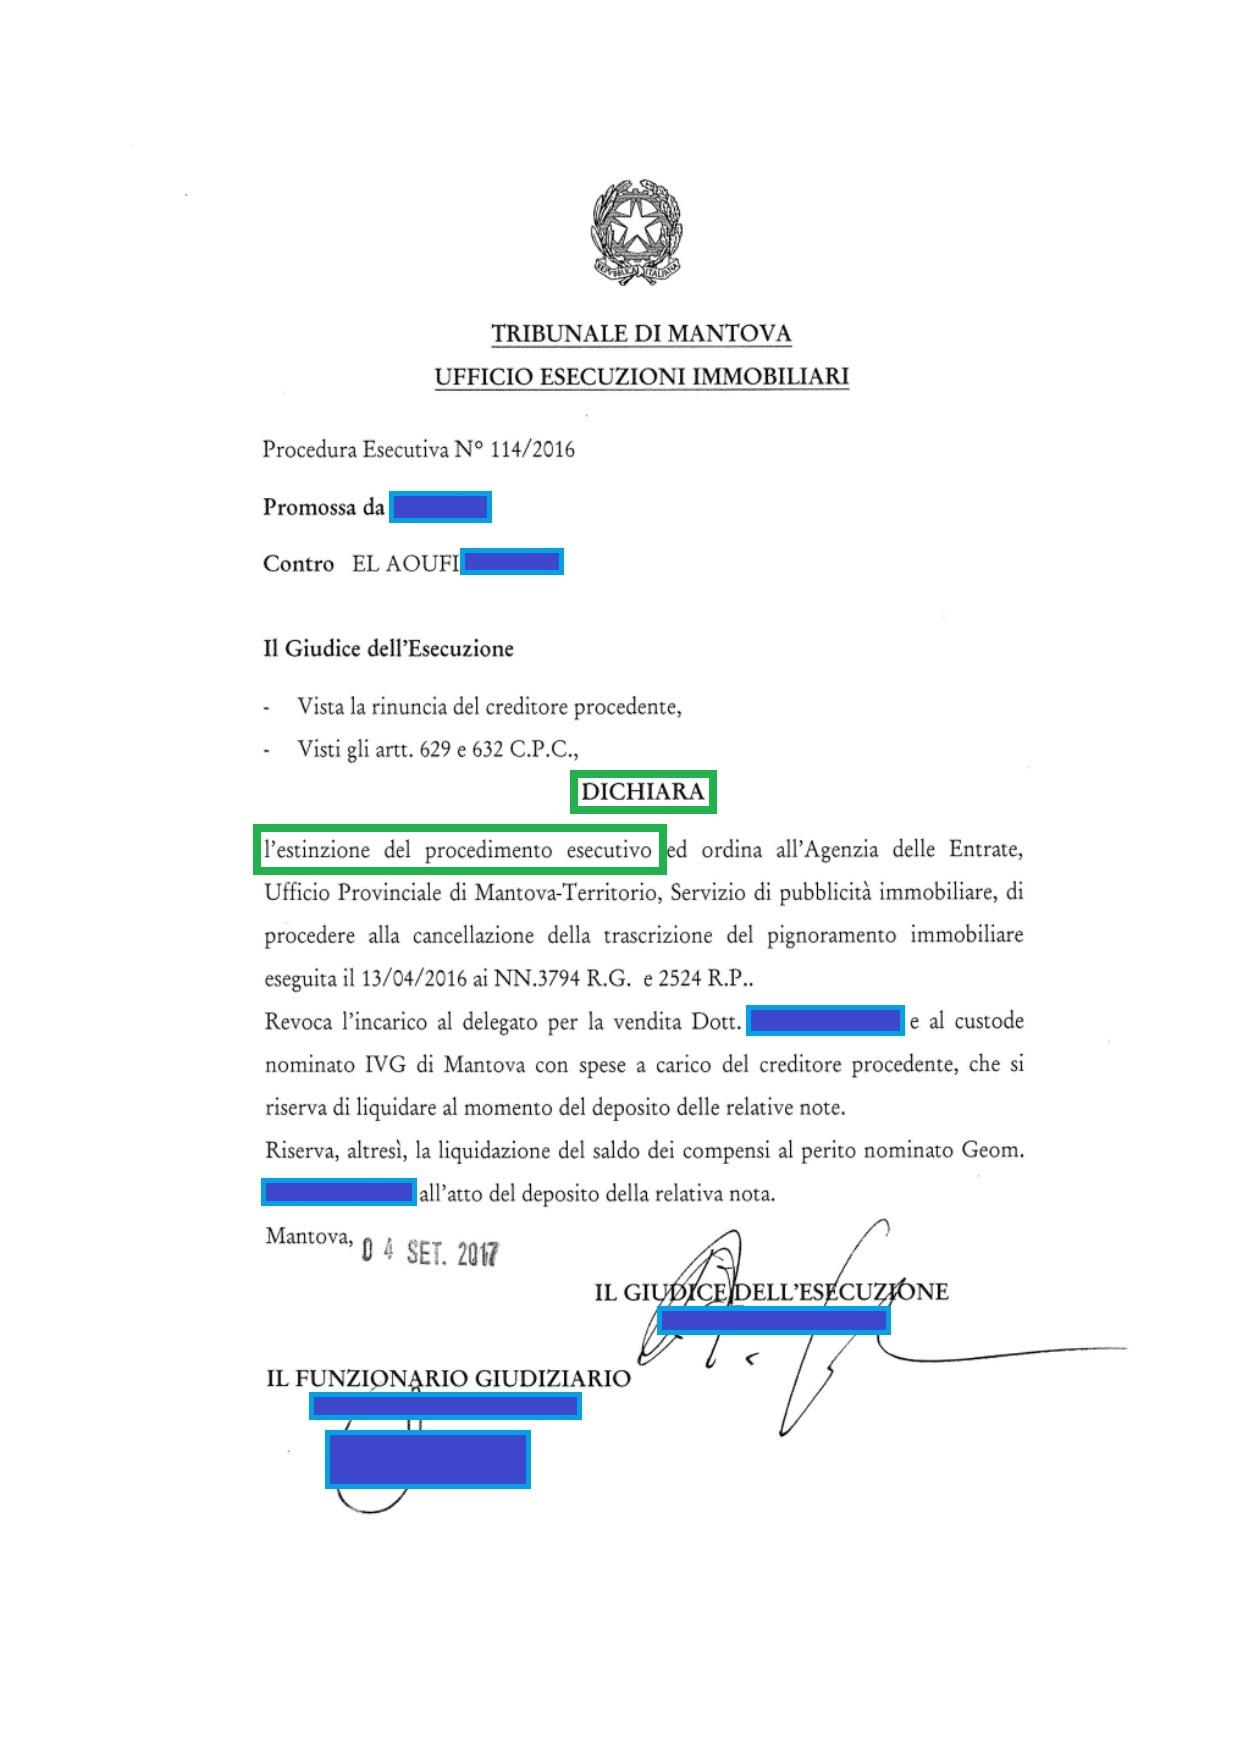 ESTINZIONE Proced. via Montale Mantova 04.09.2017_page-0001